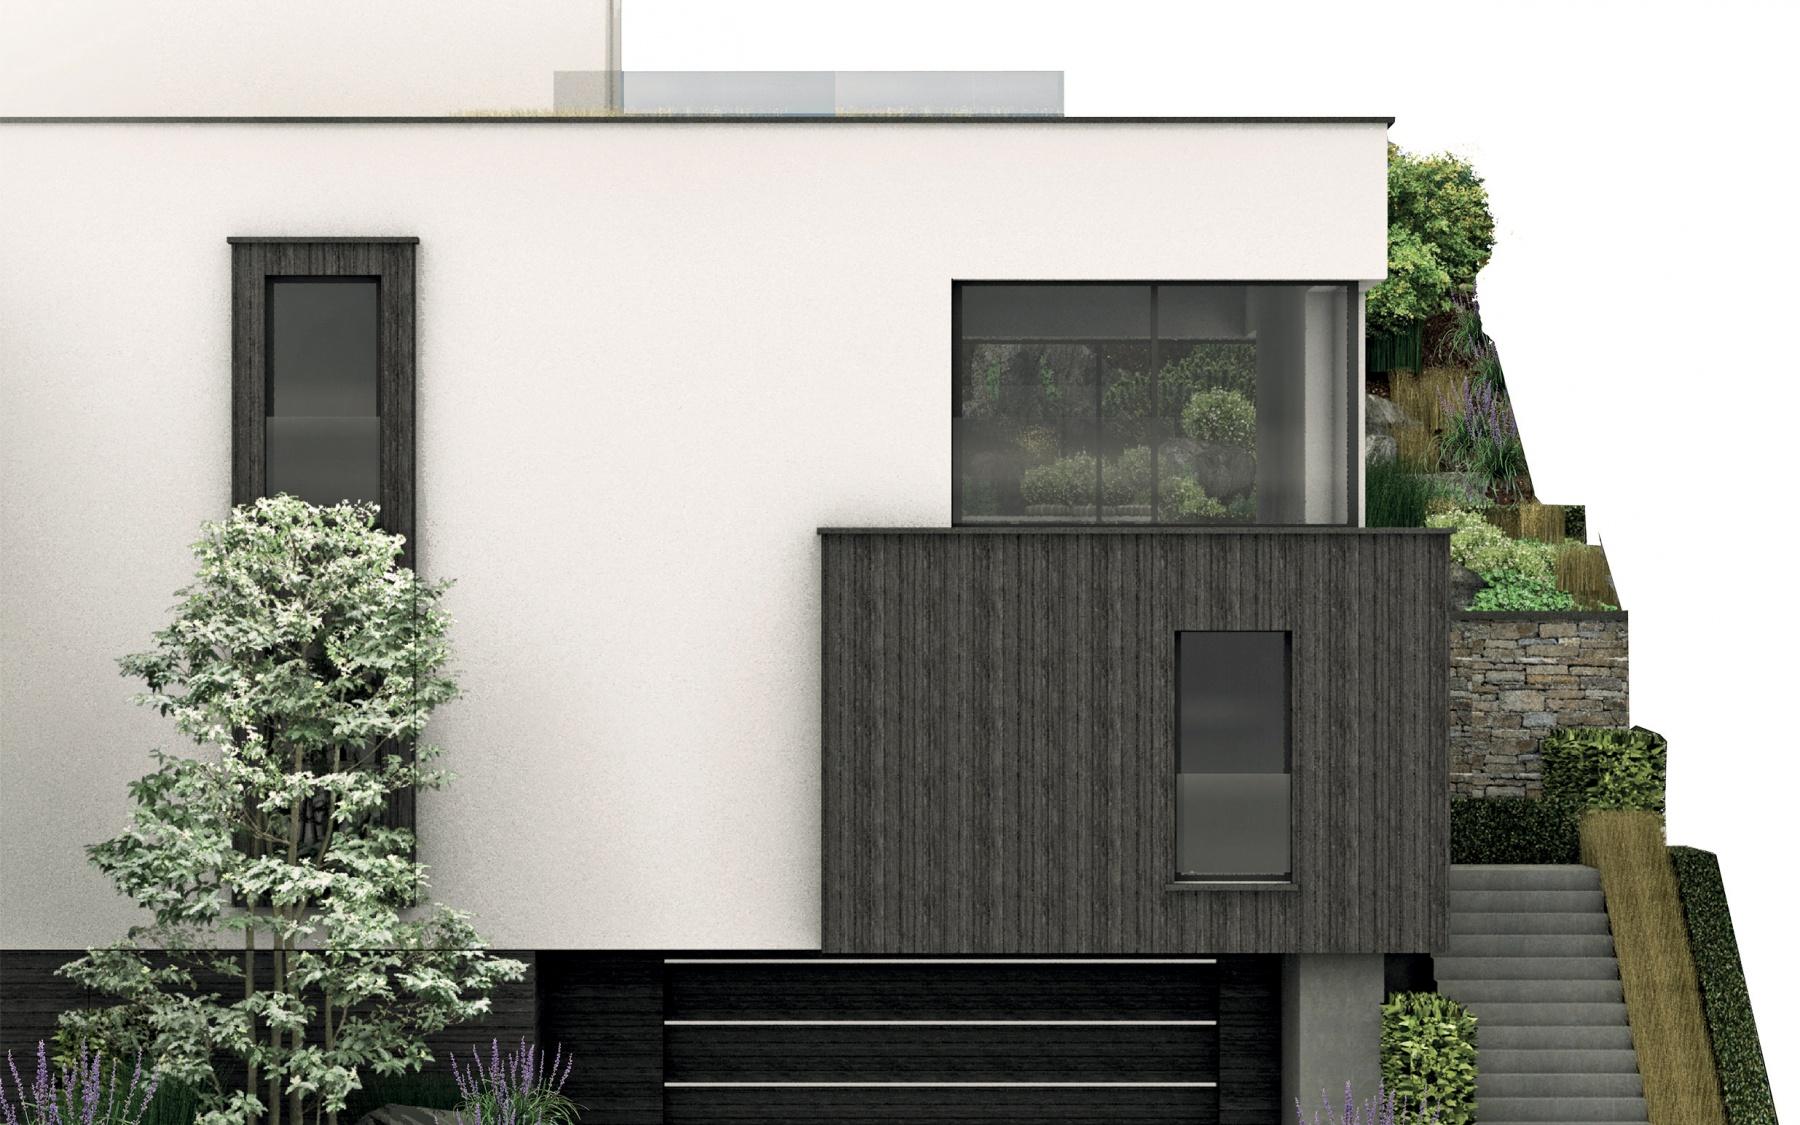 Maison écologique avec jardin à Insenborn